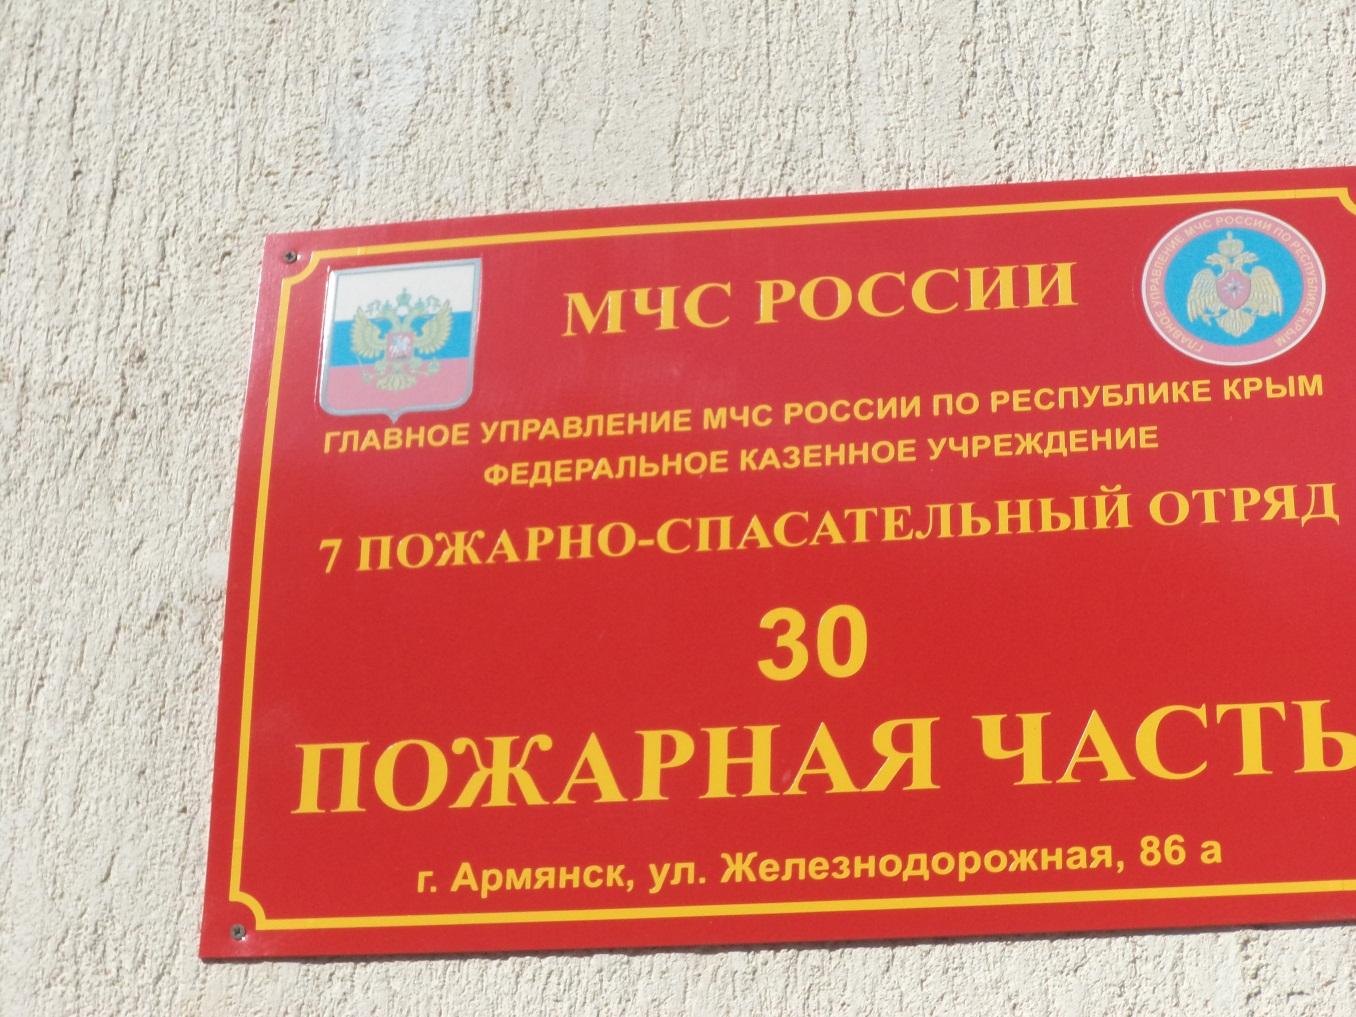 D:\Россия воспитательный план\Пожарная част\DSC04147.JPG